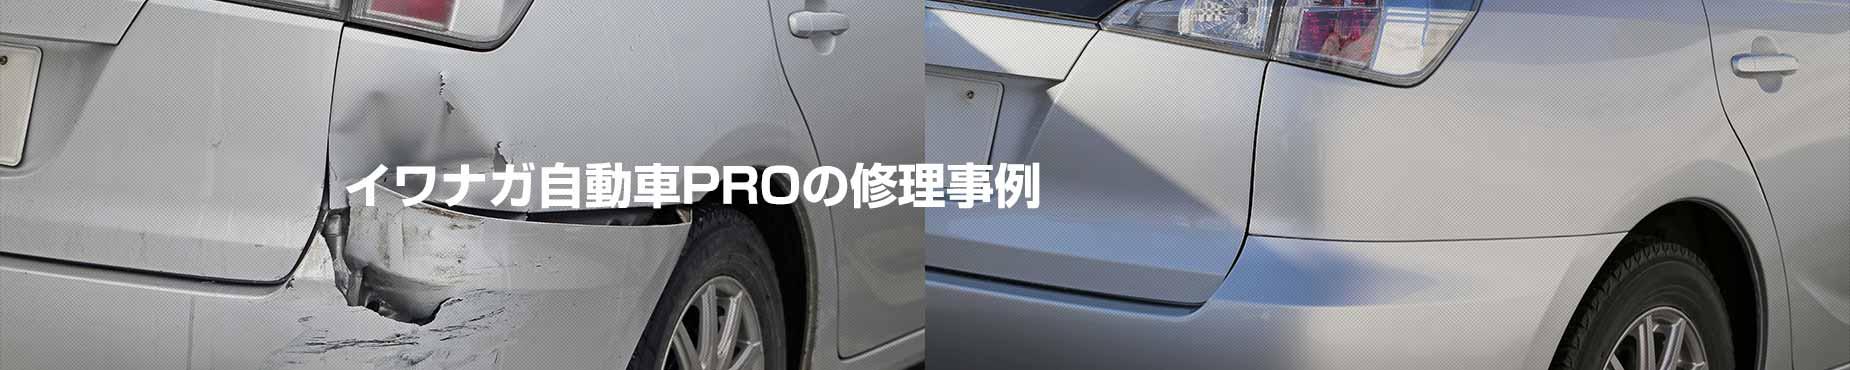 イワナガ自動車PRO